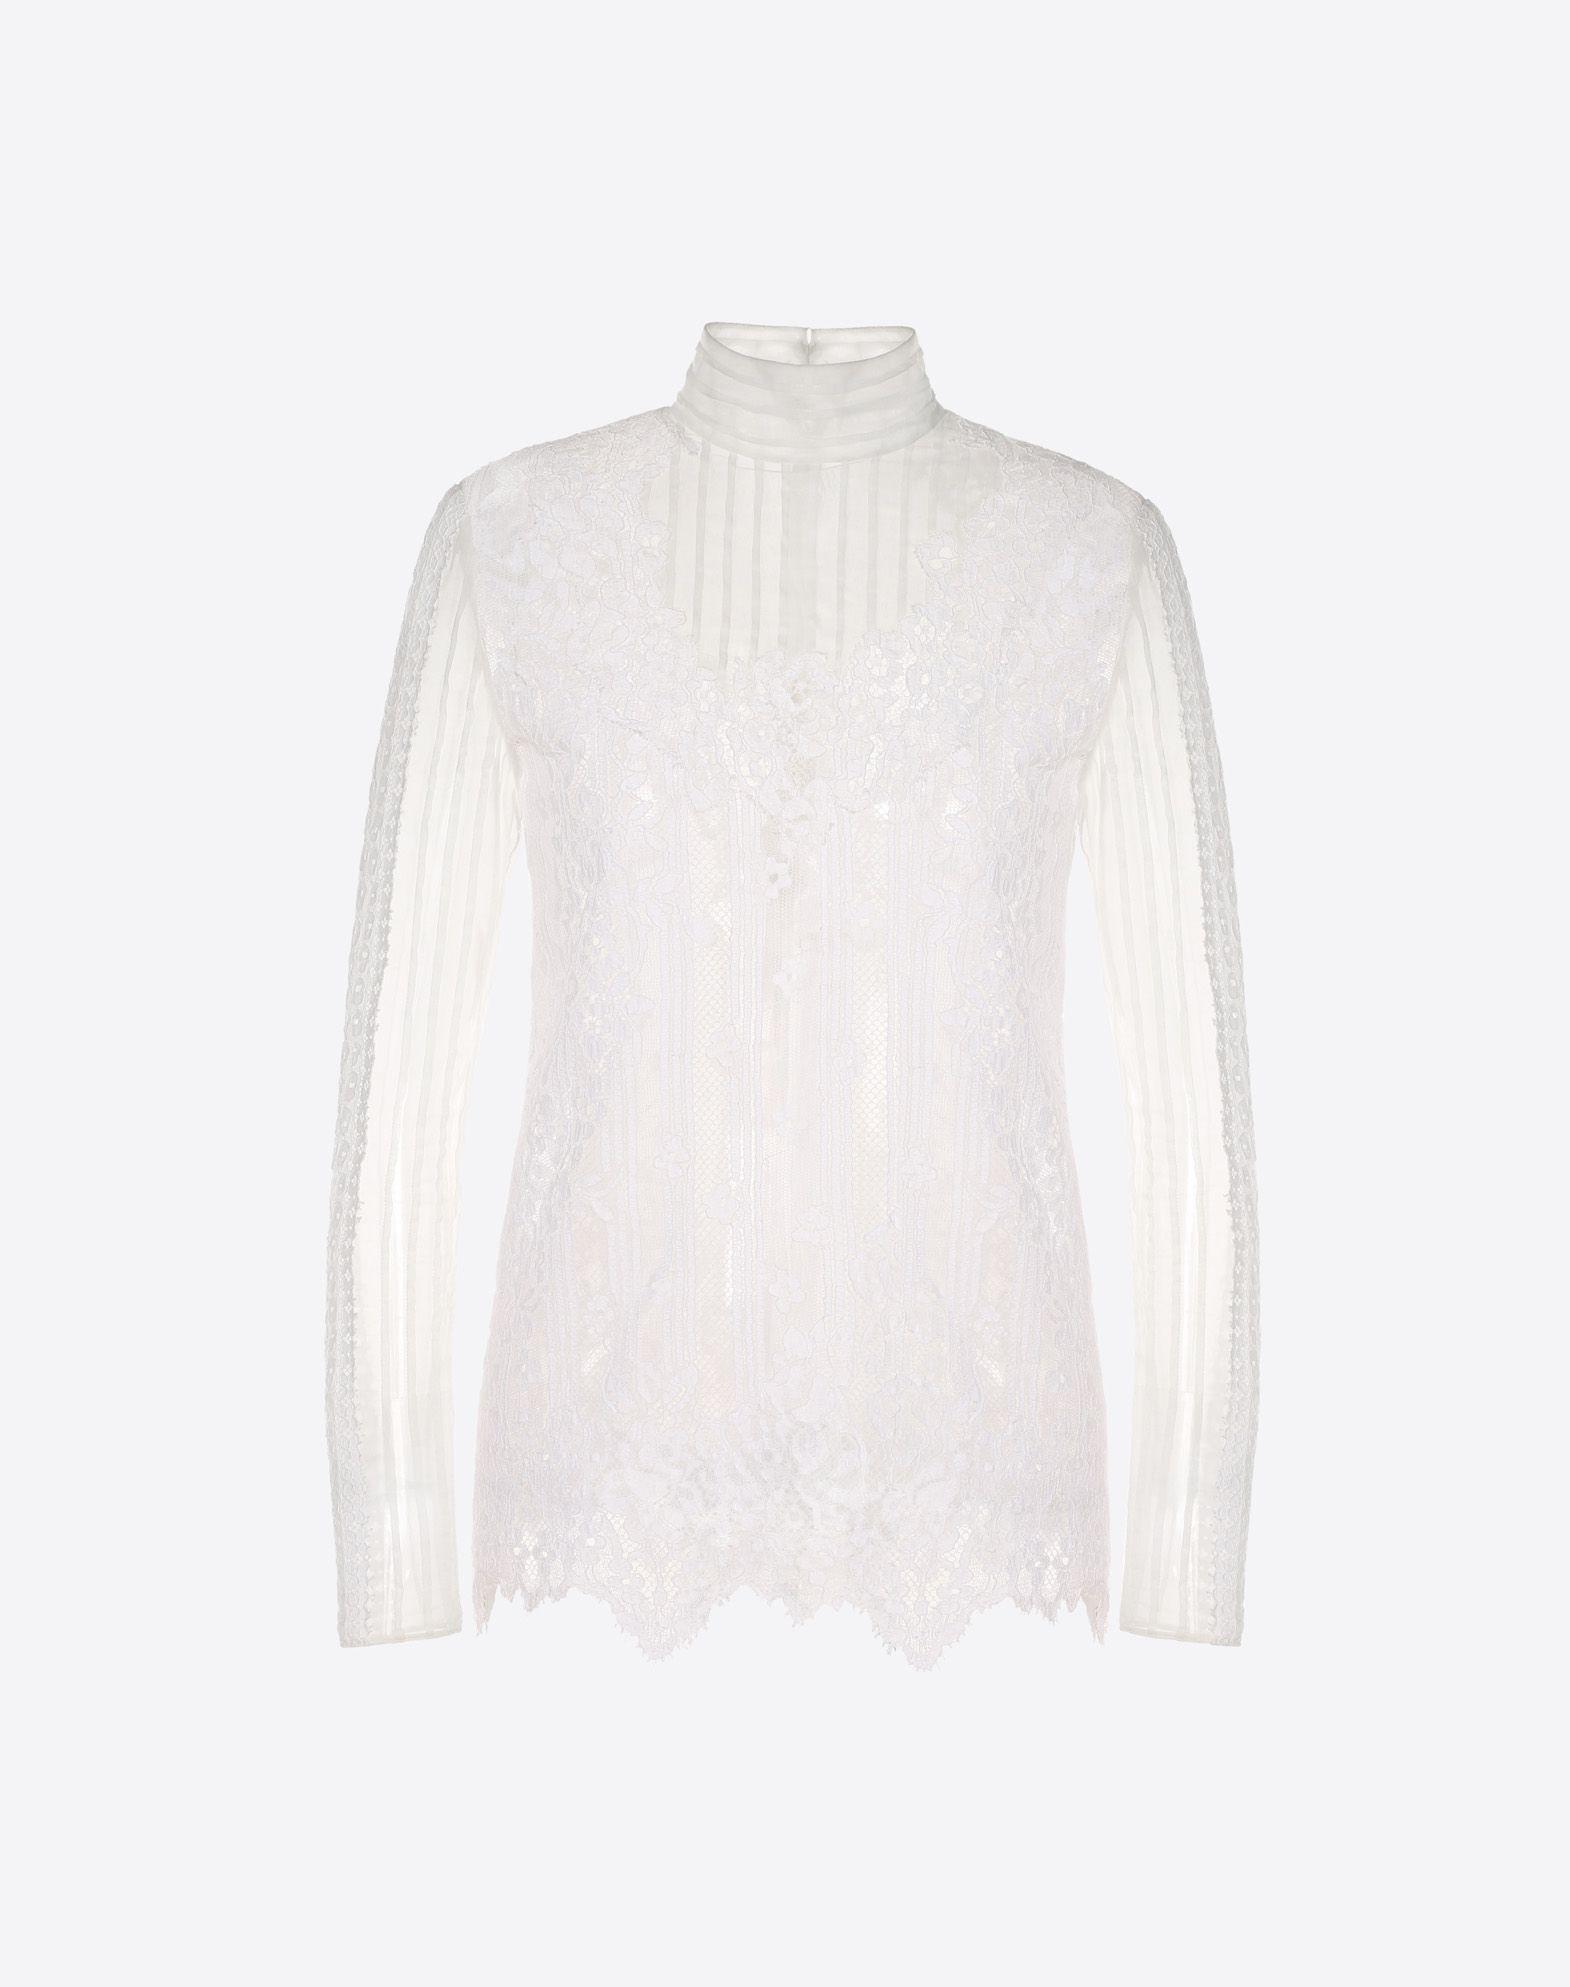 Chiffon and lace top